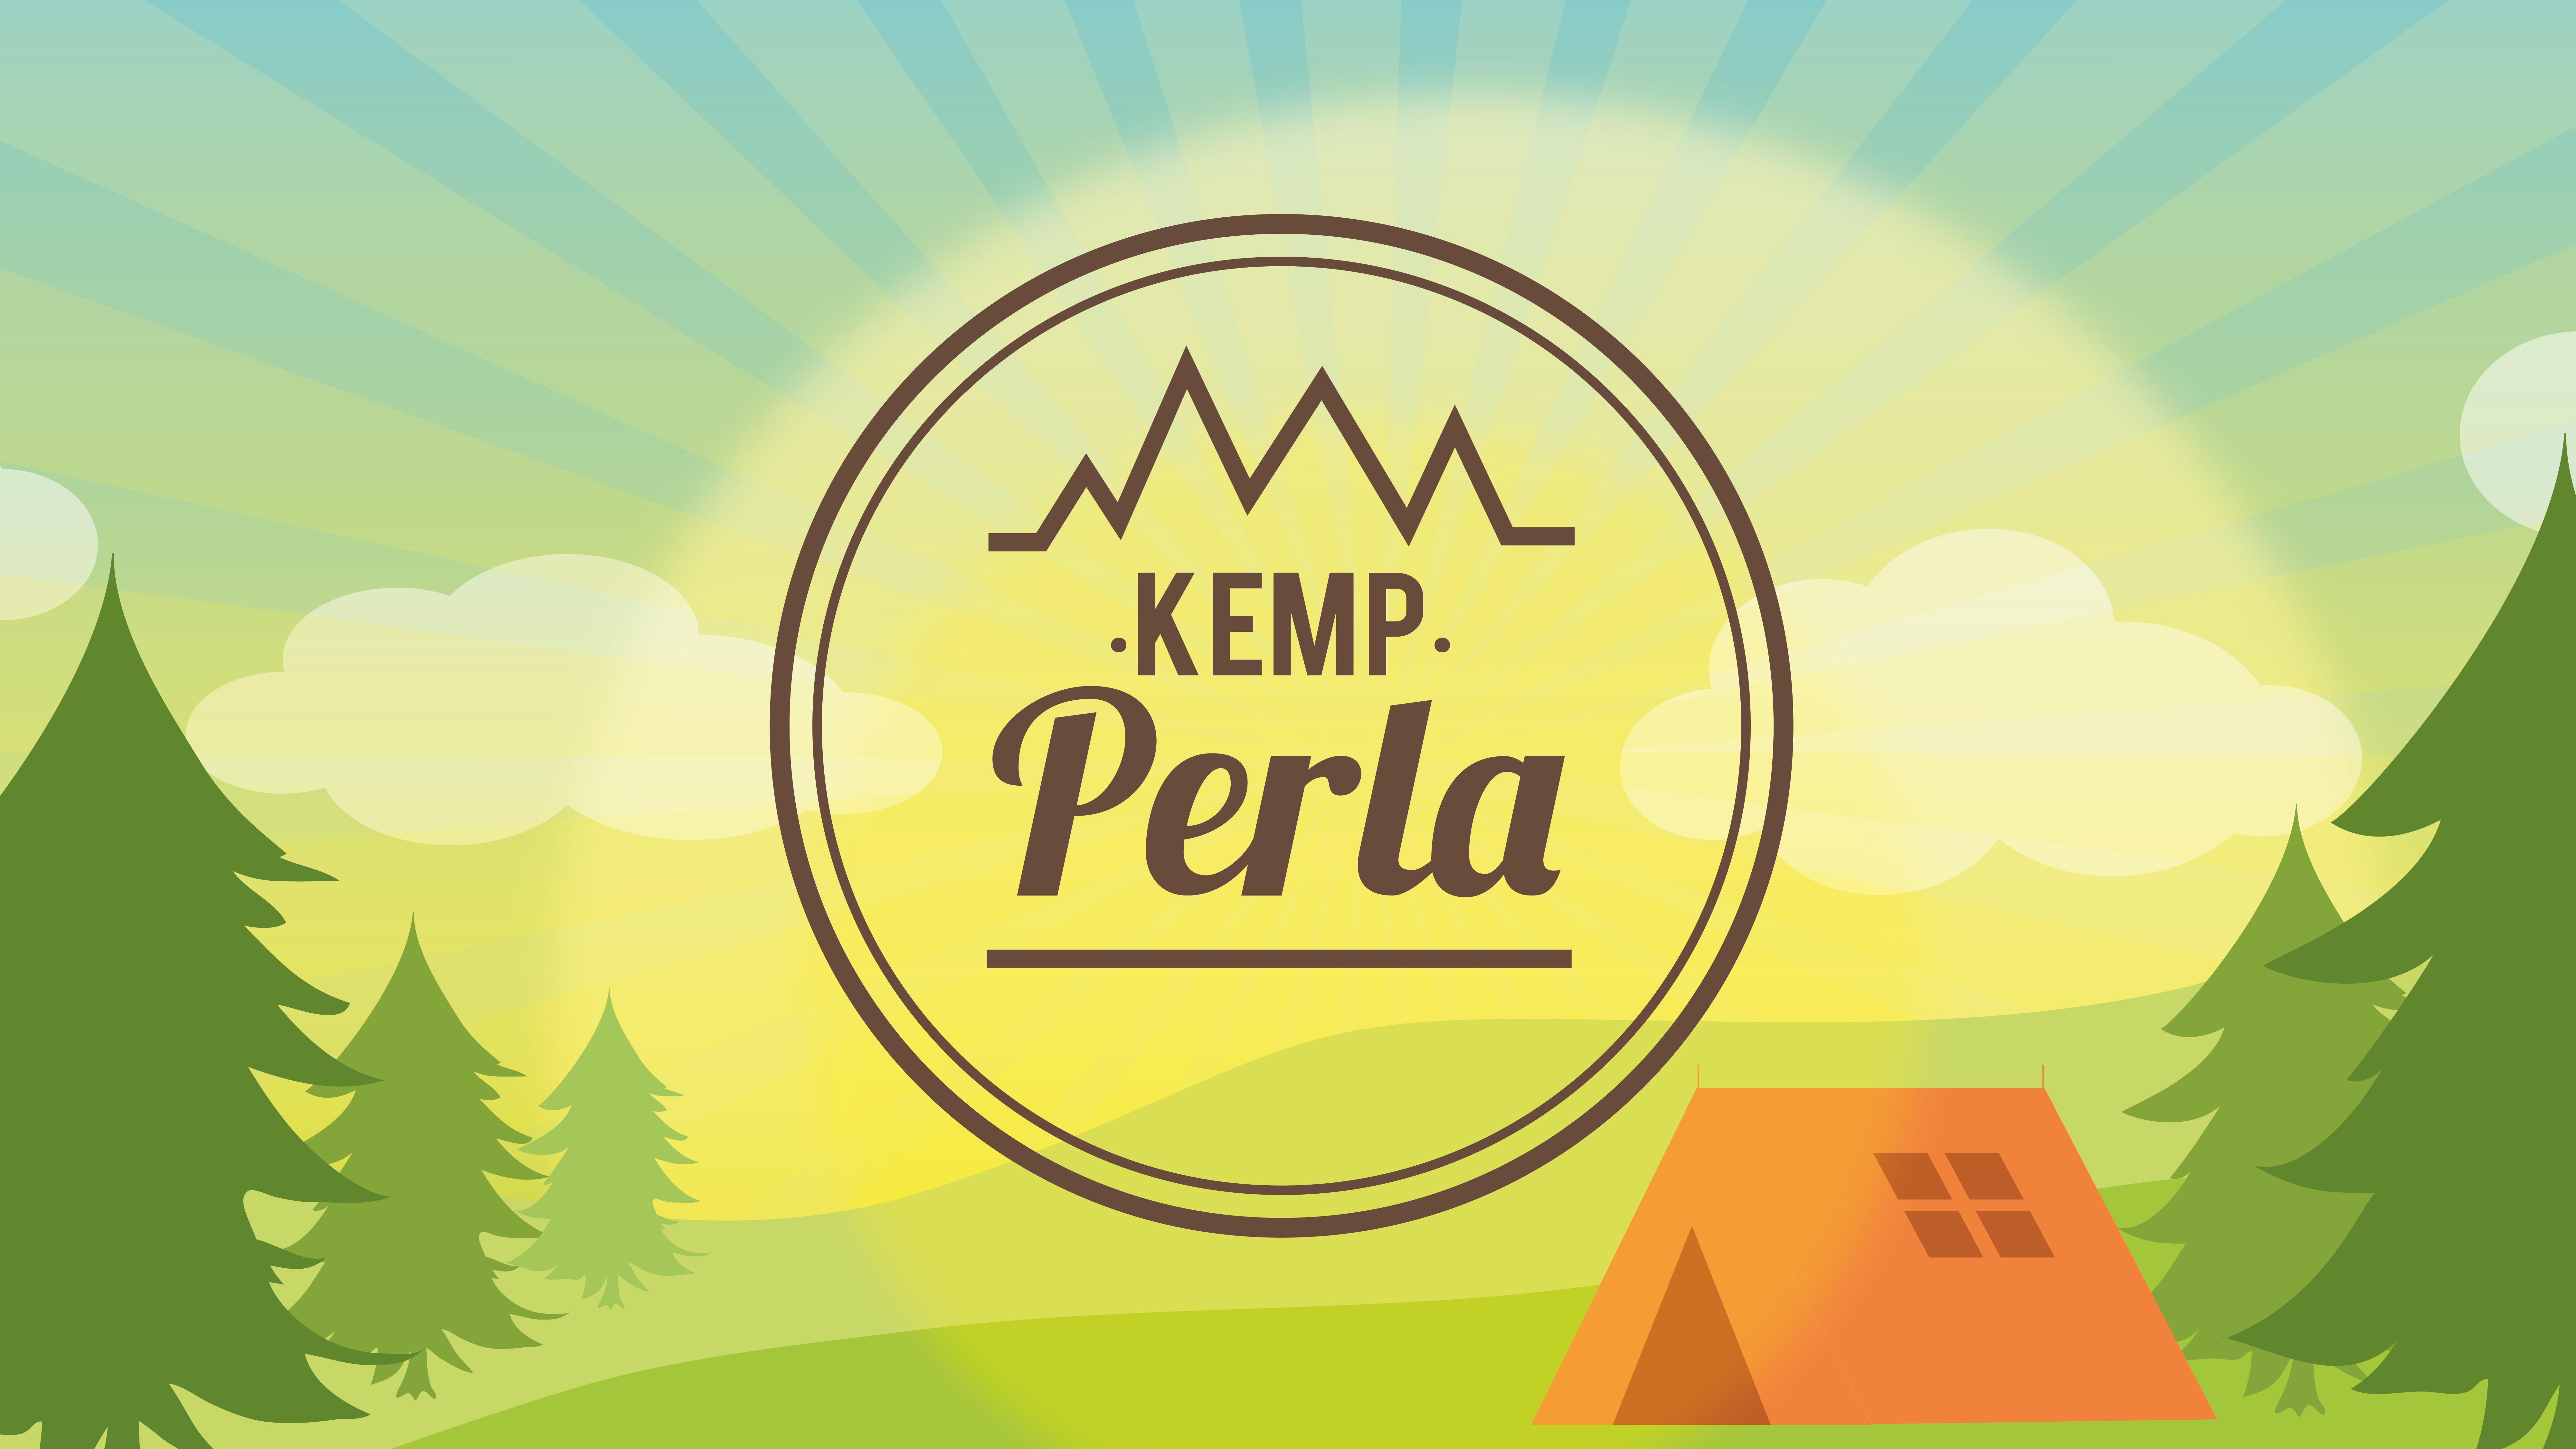 Kemp Perla